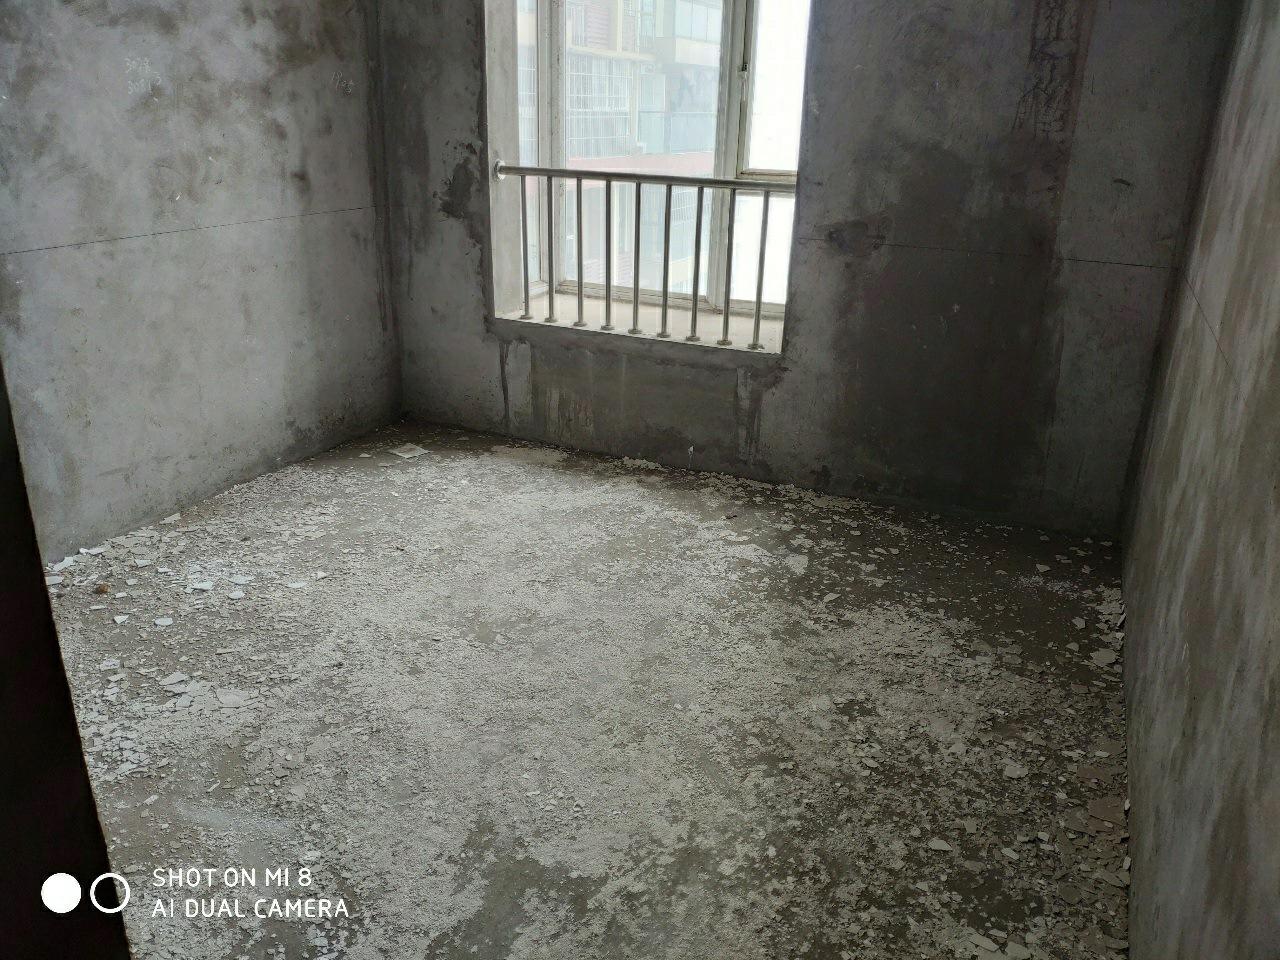 凤凰华城+3室 2厅 2卫+48.8万元+可更名